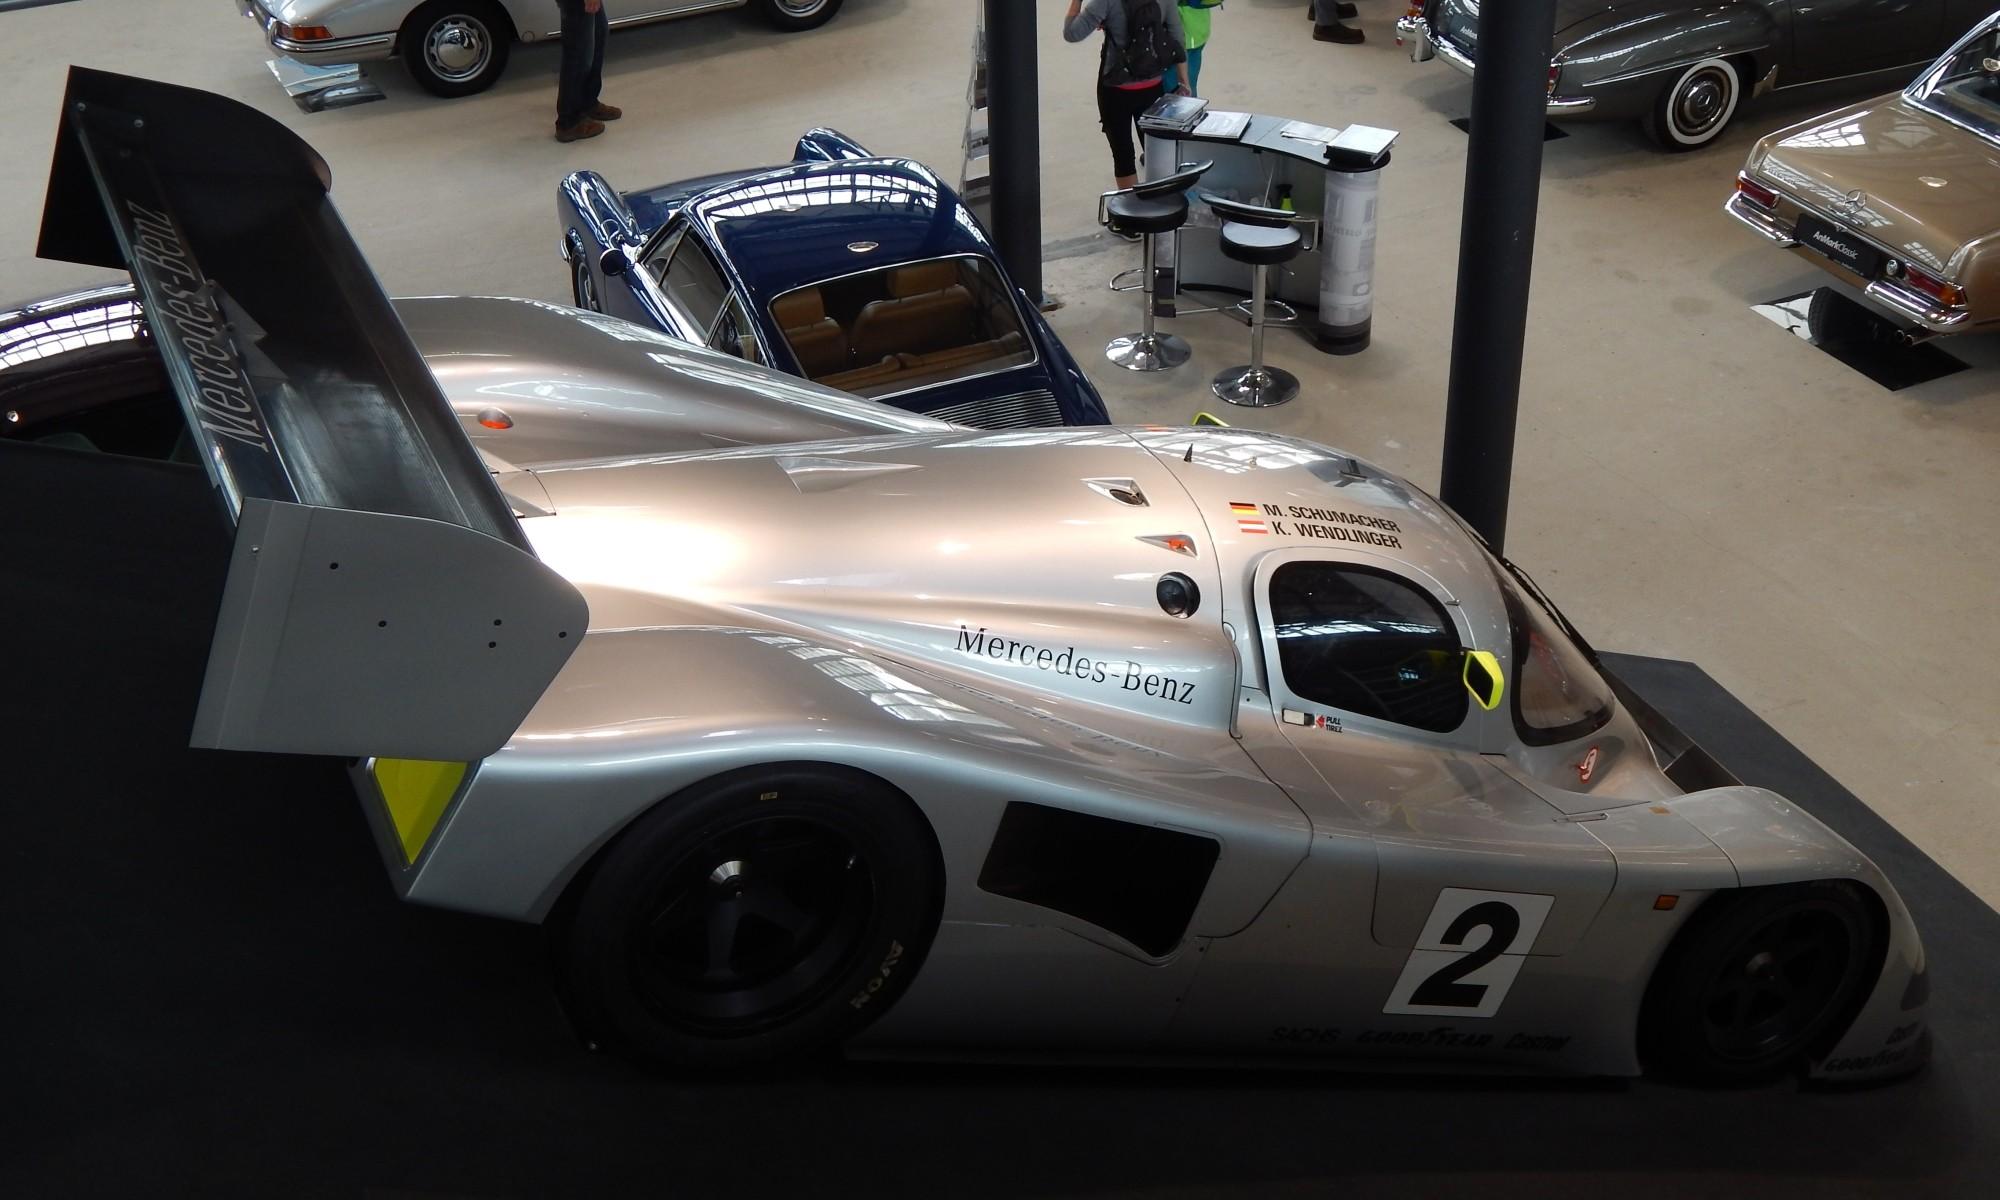 Mercedes sportcar